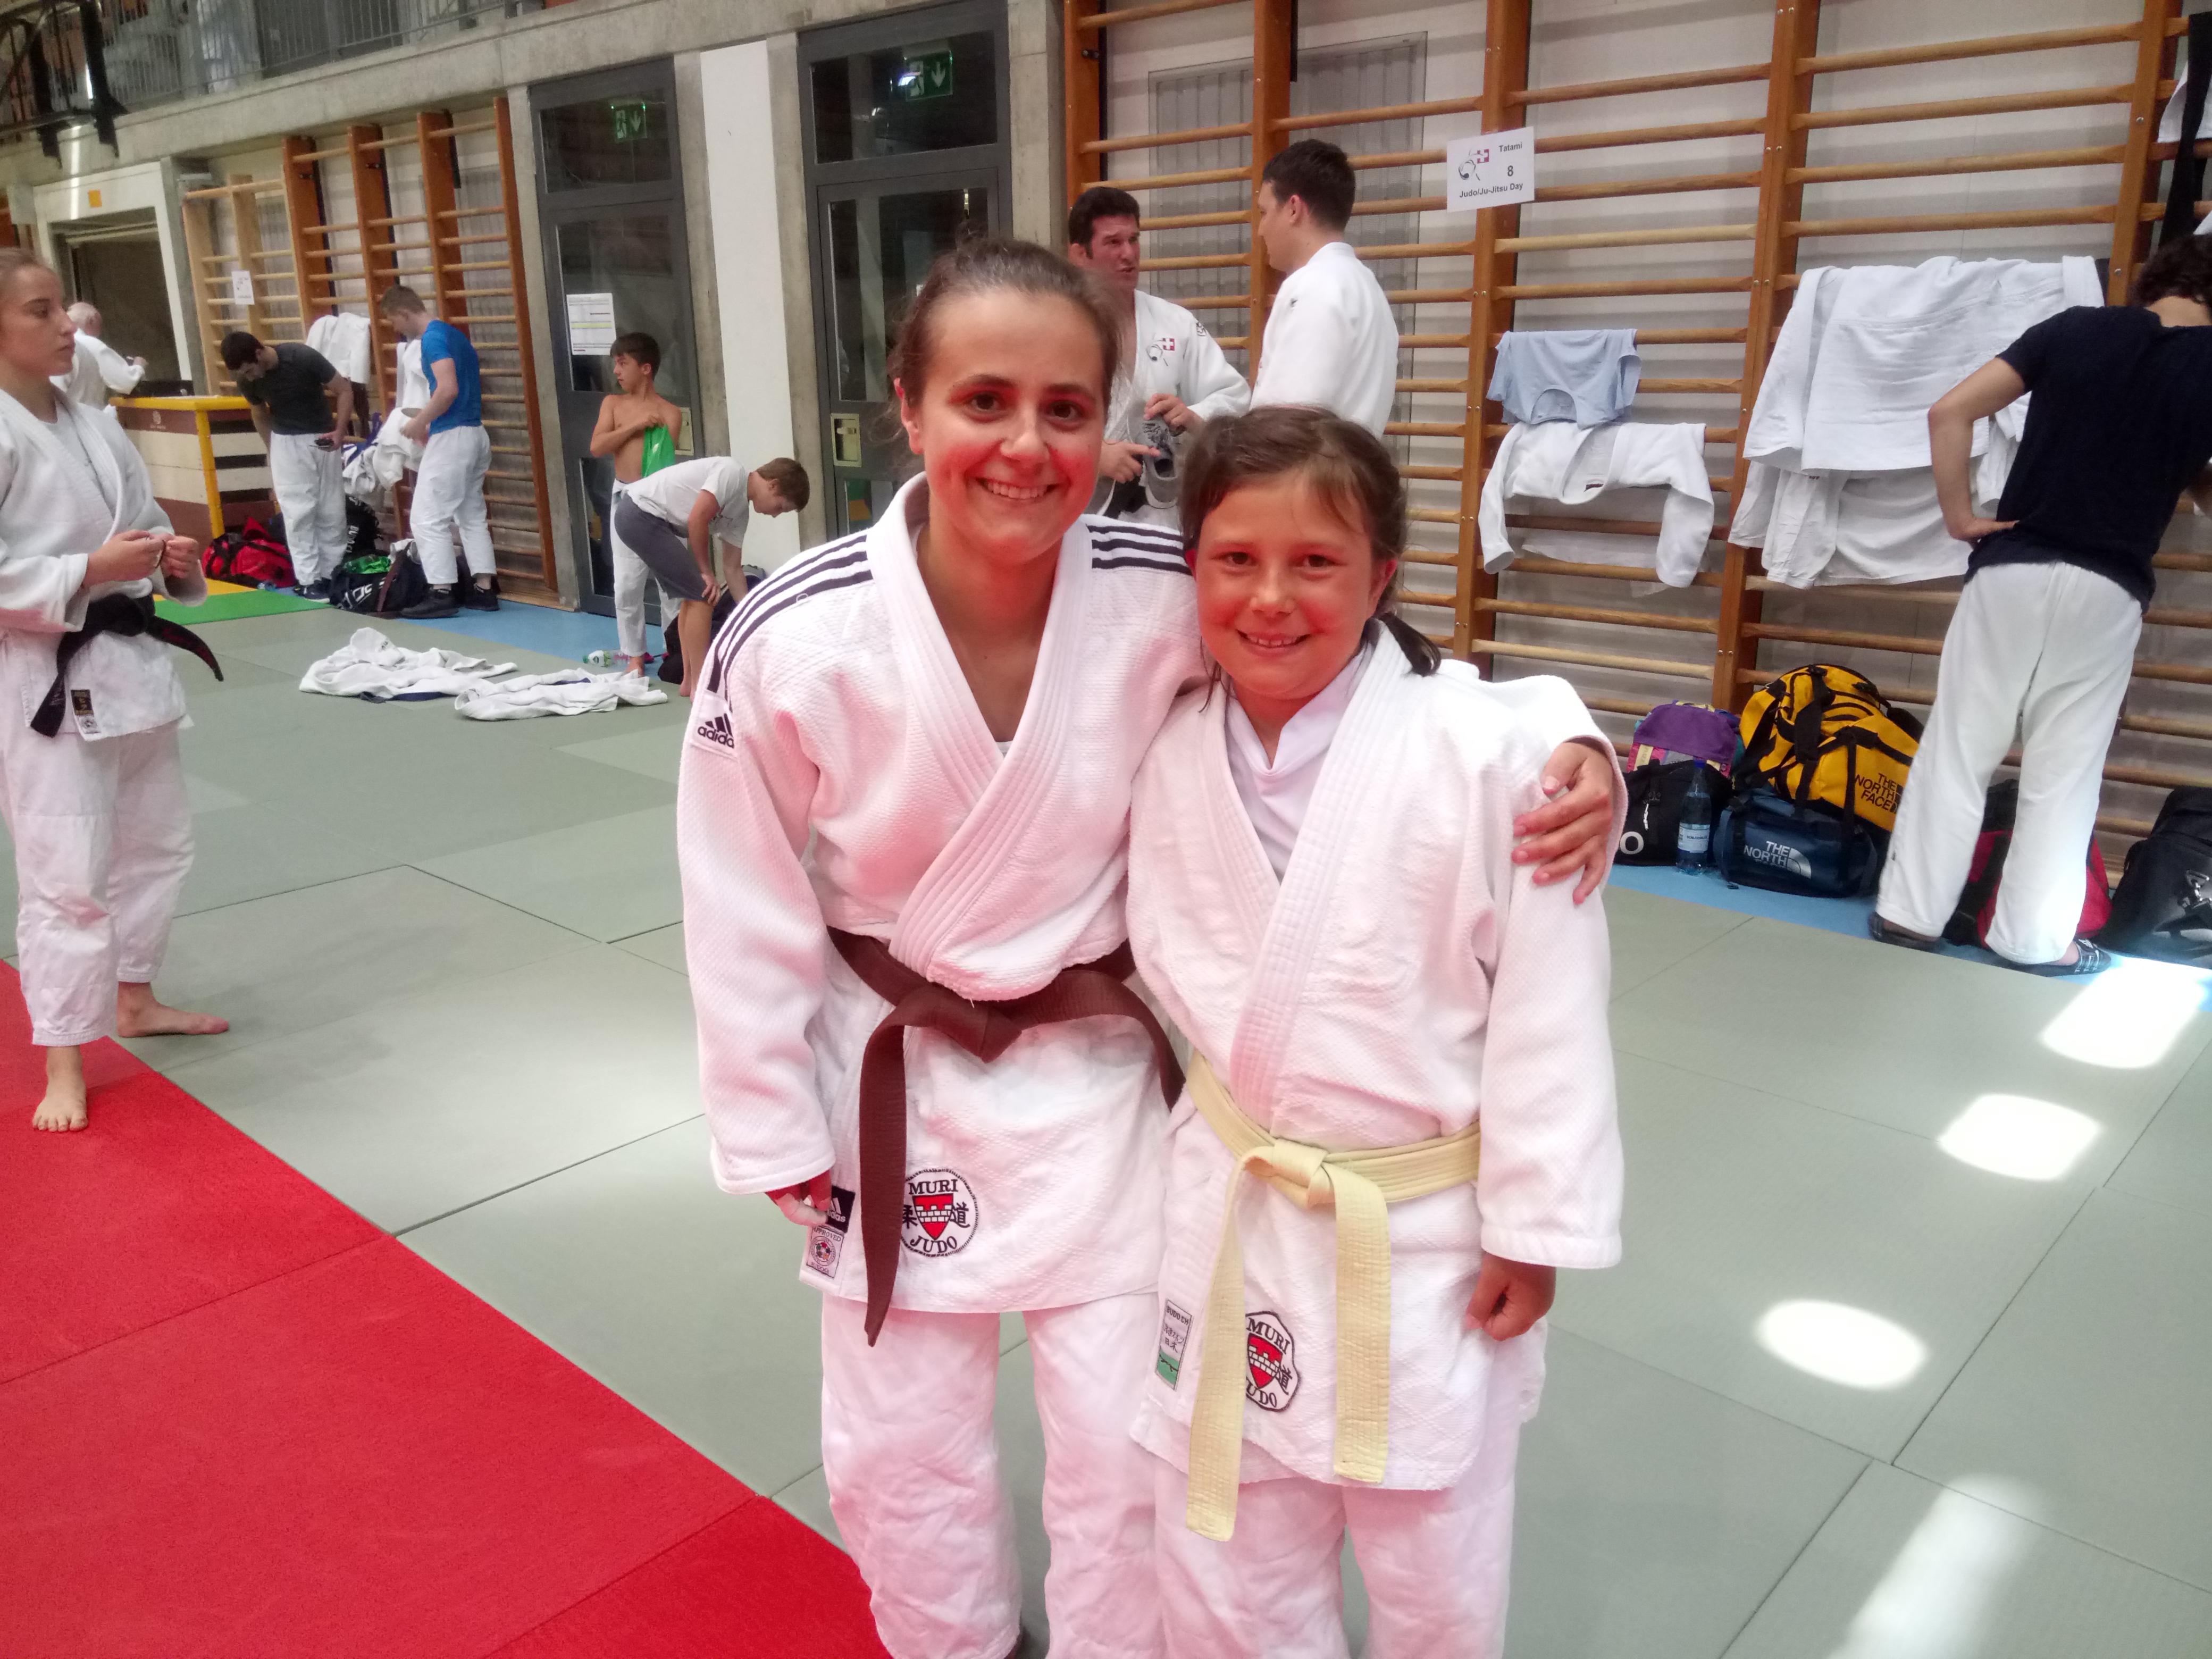 Frauenpower vom Judo Club Muri am nationalen Judo Day 2019